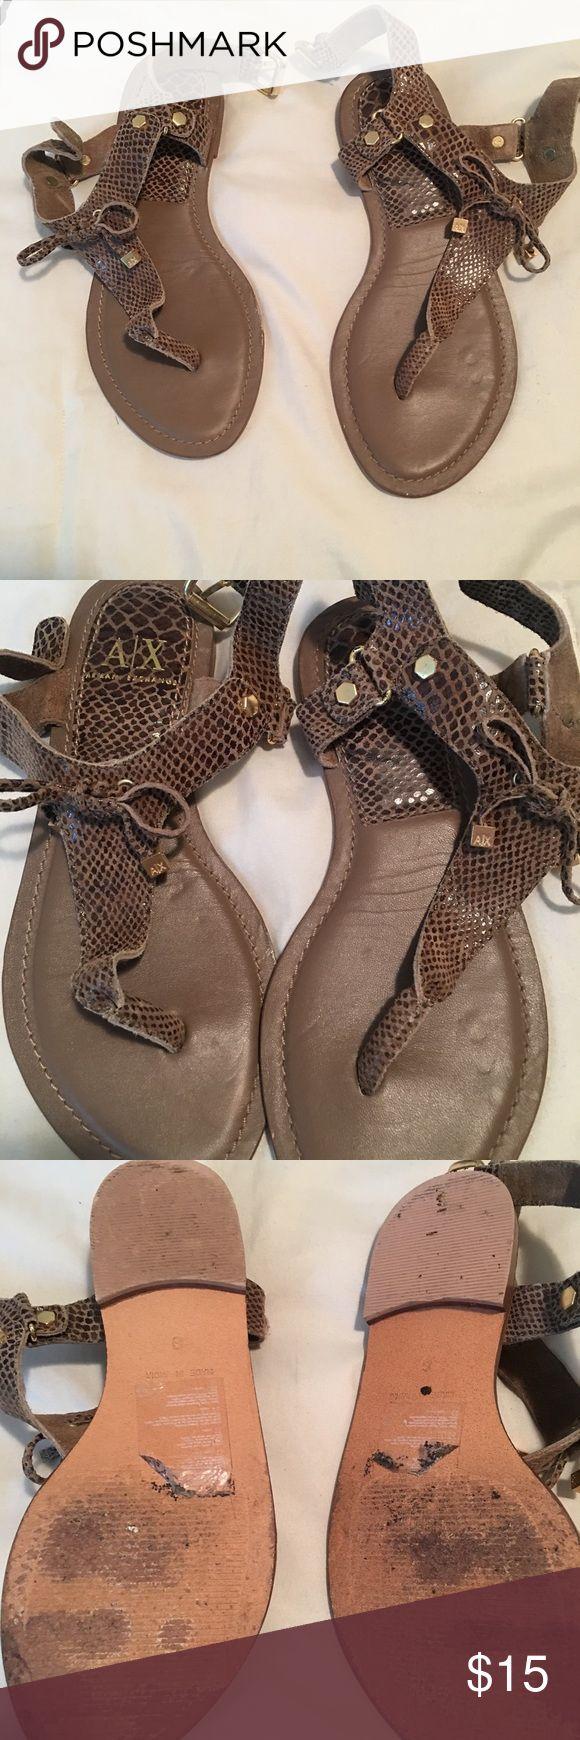 A|X sandals Pre-loves Armani Exchange sandals, have lots of life left! A/X Armani Exchange Shoes Sandals